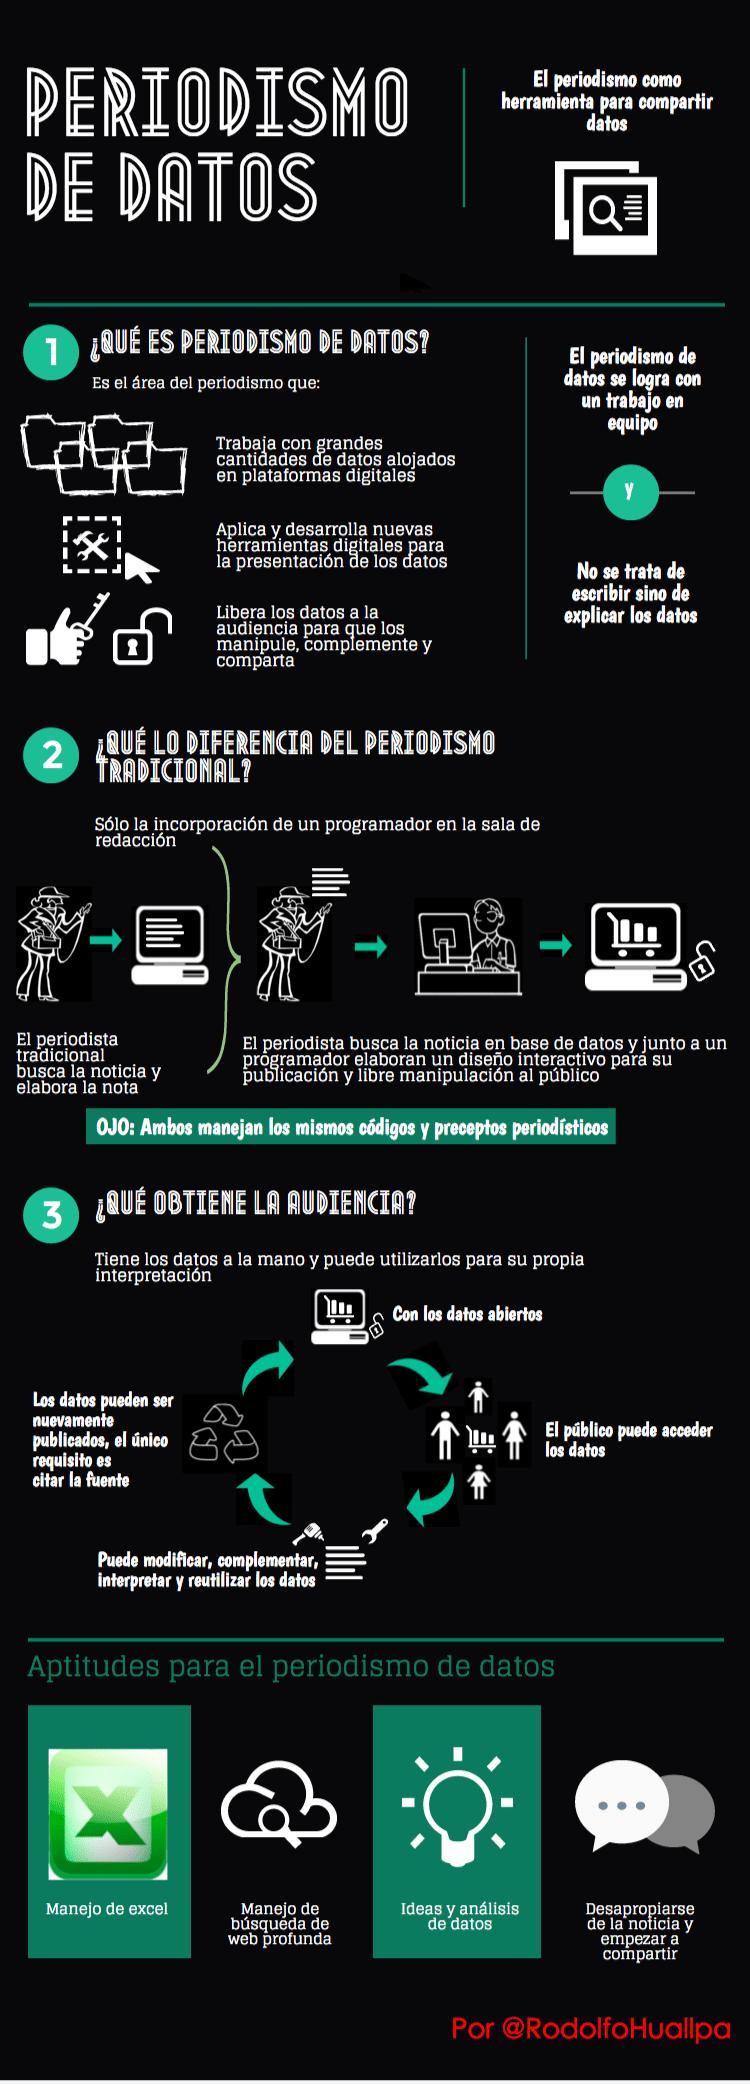 periodismo-de-datos-infografia